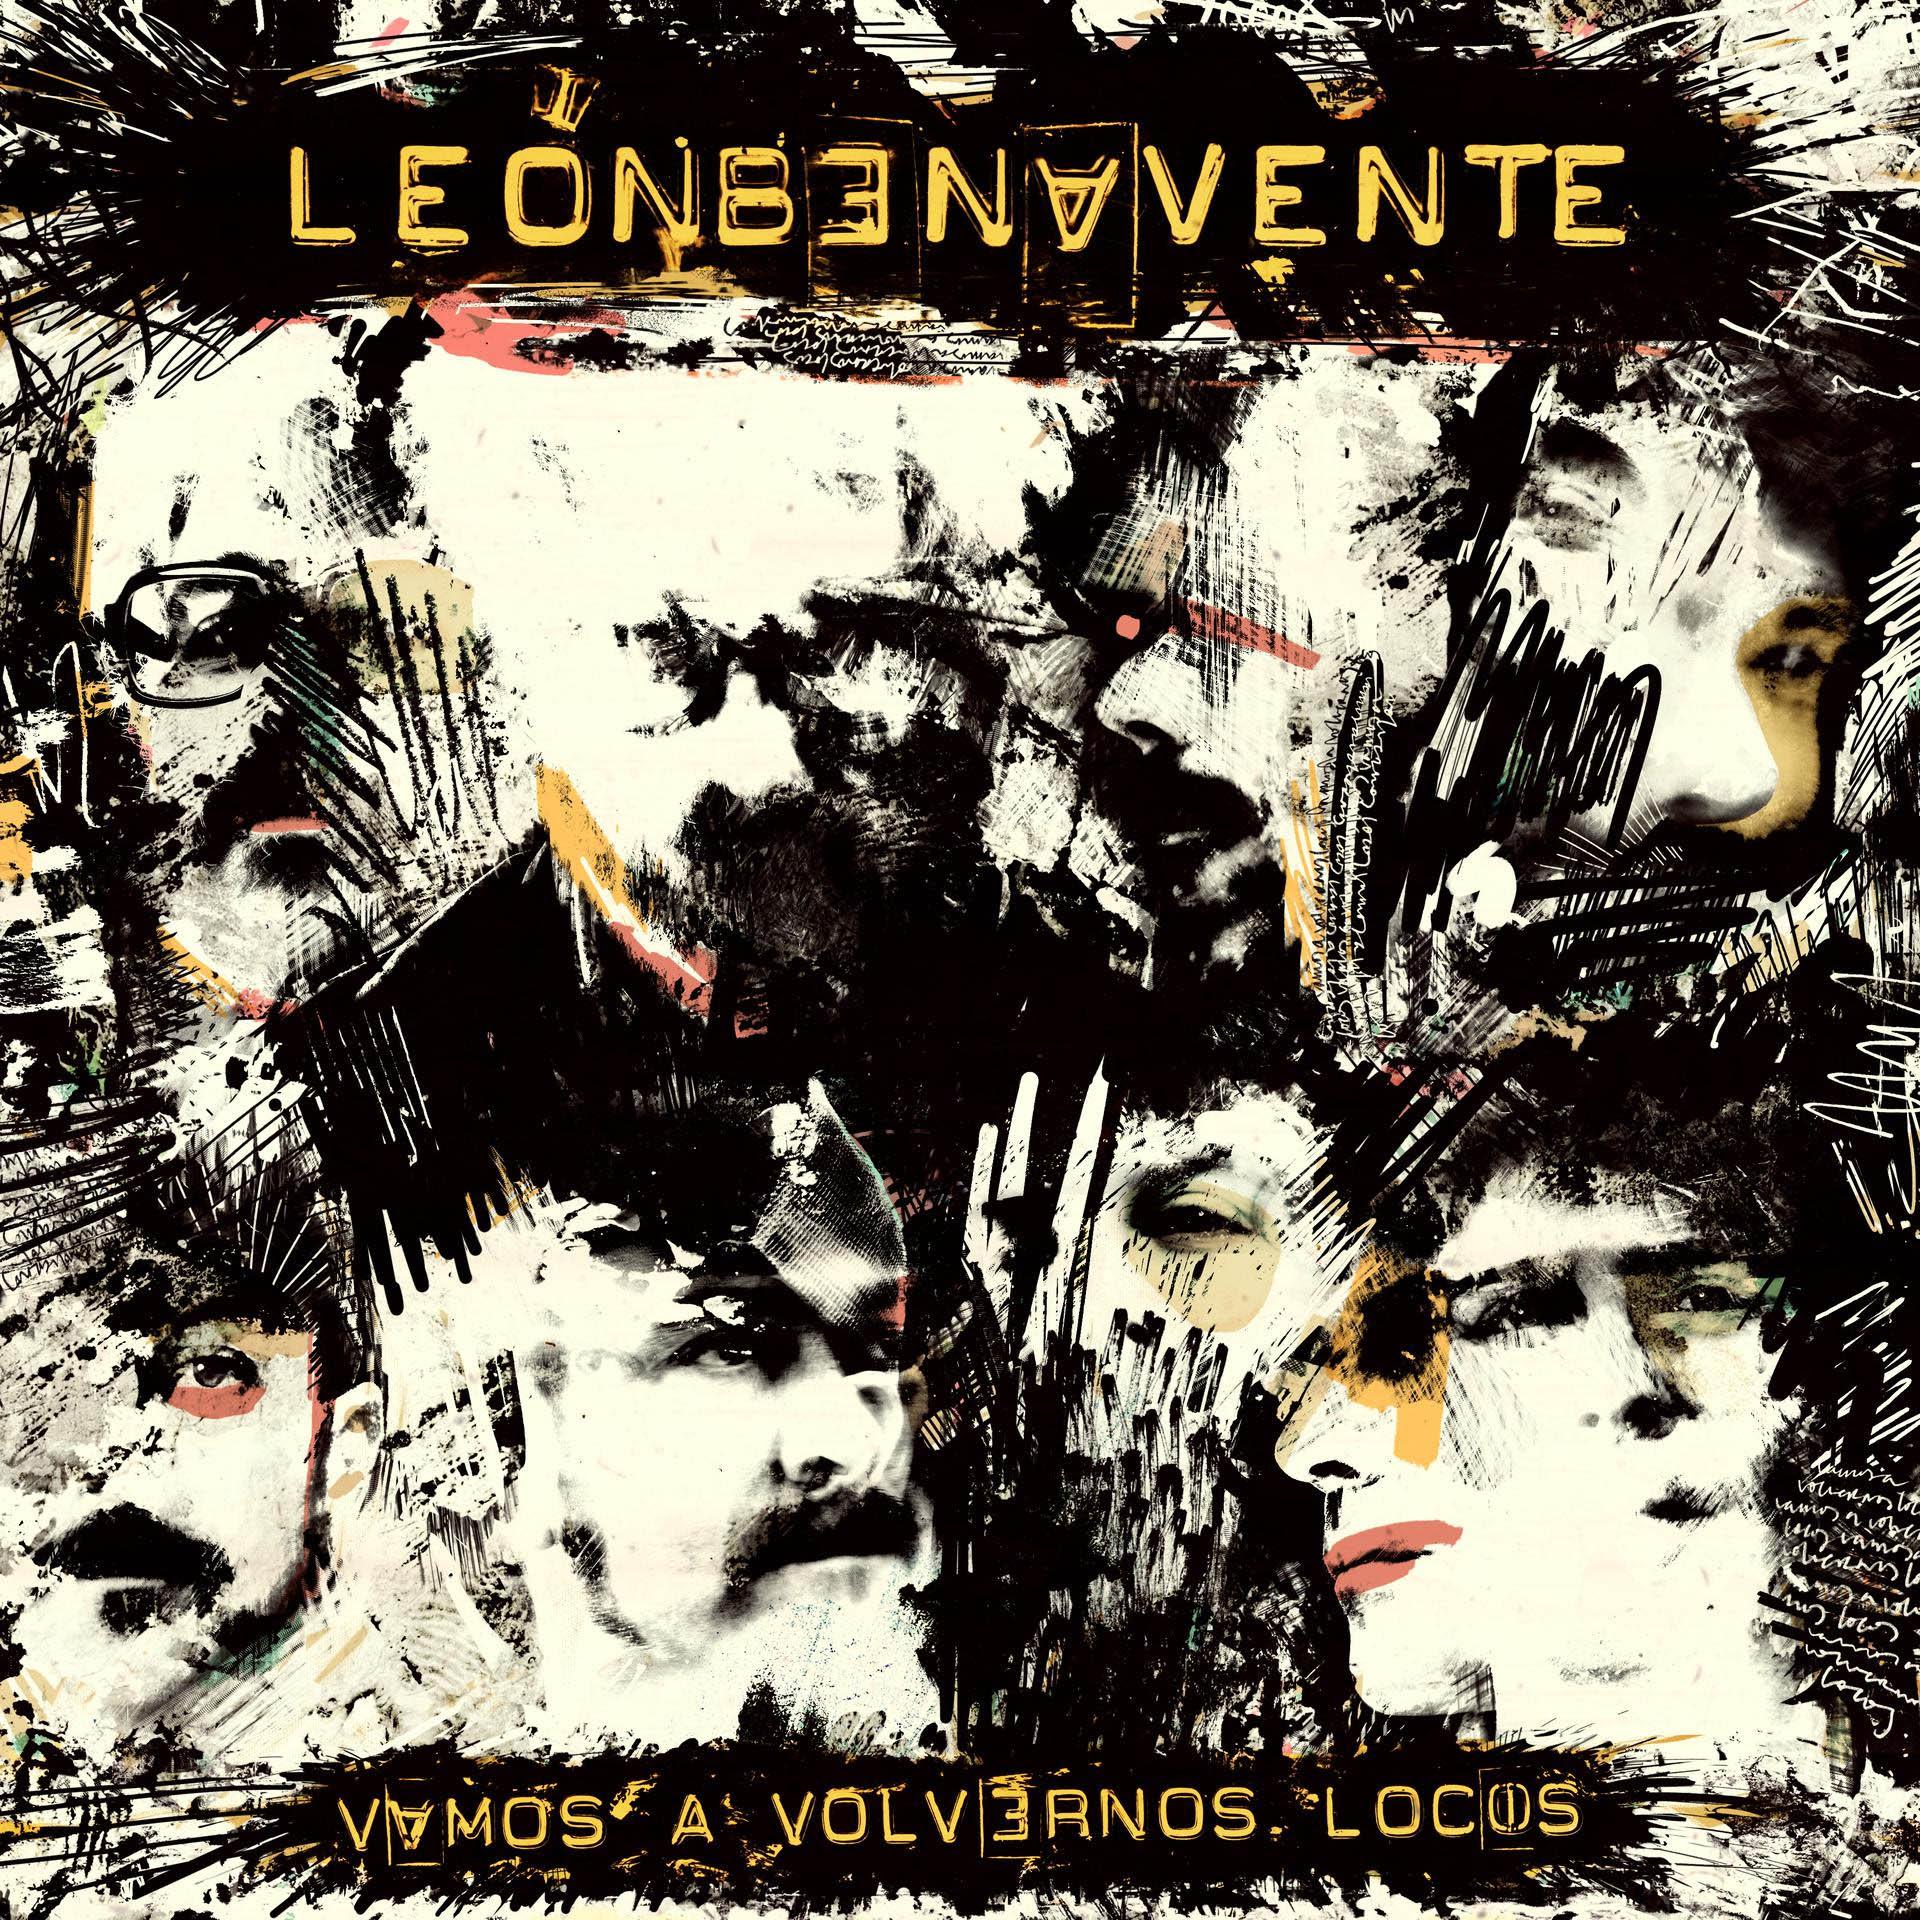 Comienza el camino para Vamos a volvernos locos, el esperado nuevo álbum de León Benavente